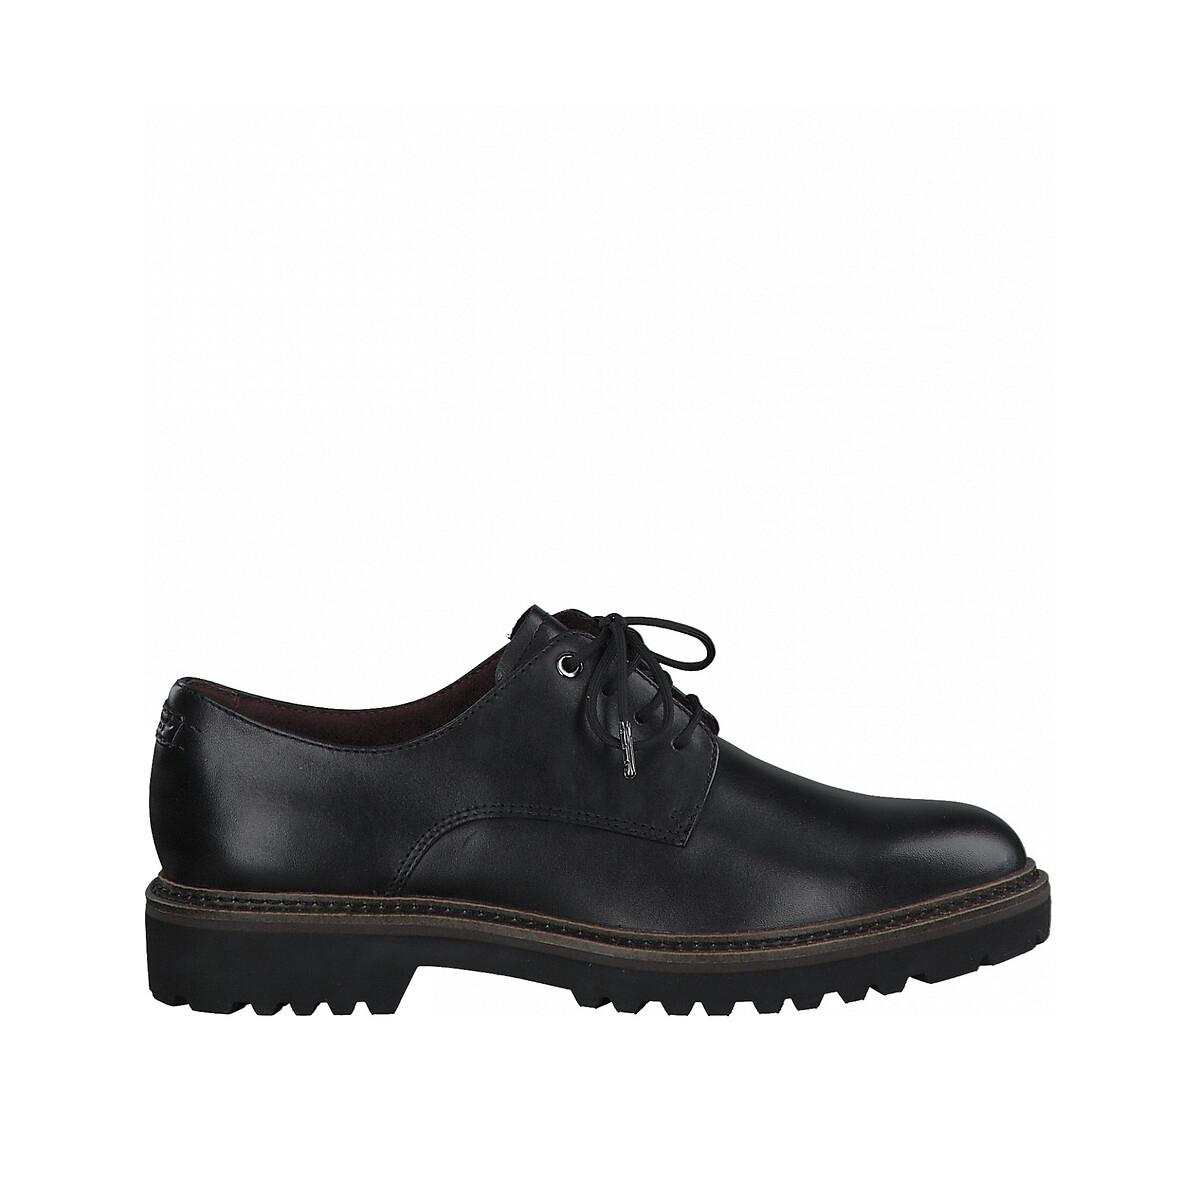 Ботинки-дерби LaRedoute Кожаные 37 черный ботинки дерби из кожи teadale maira